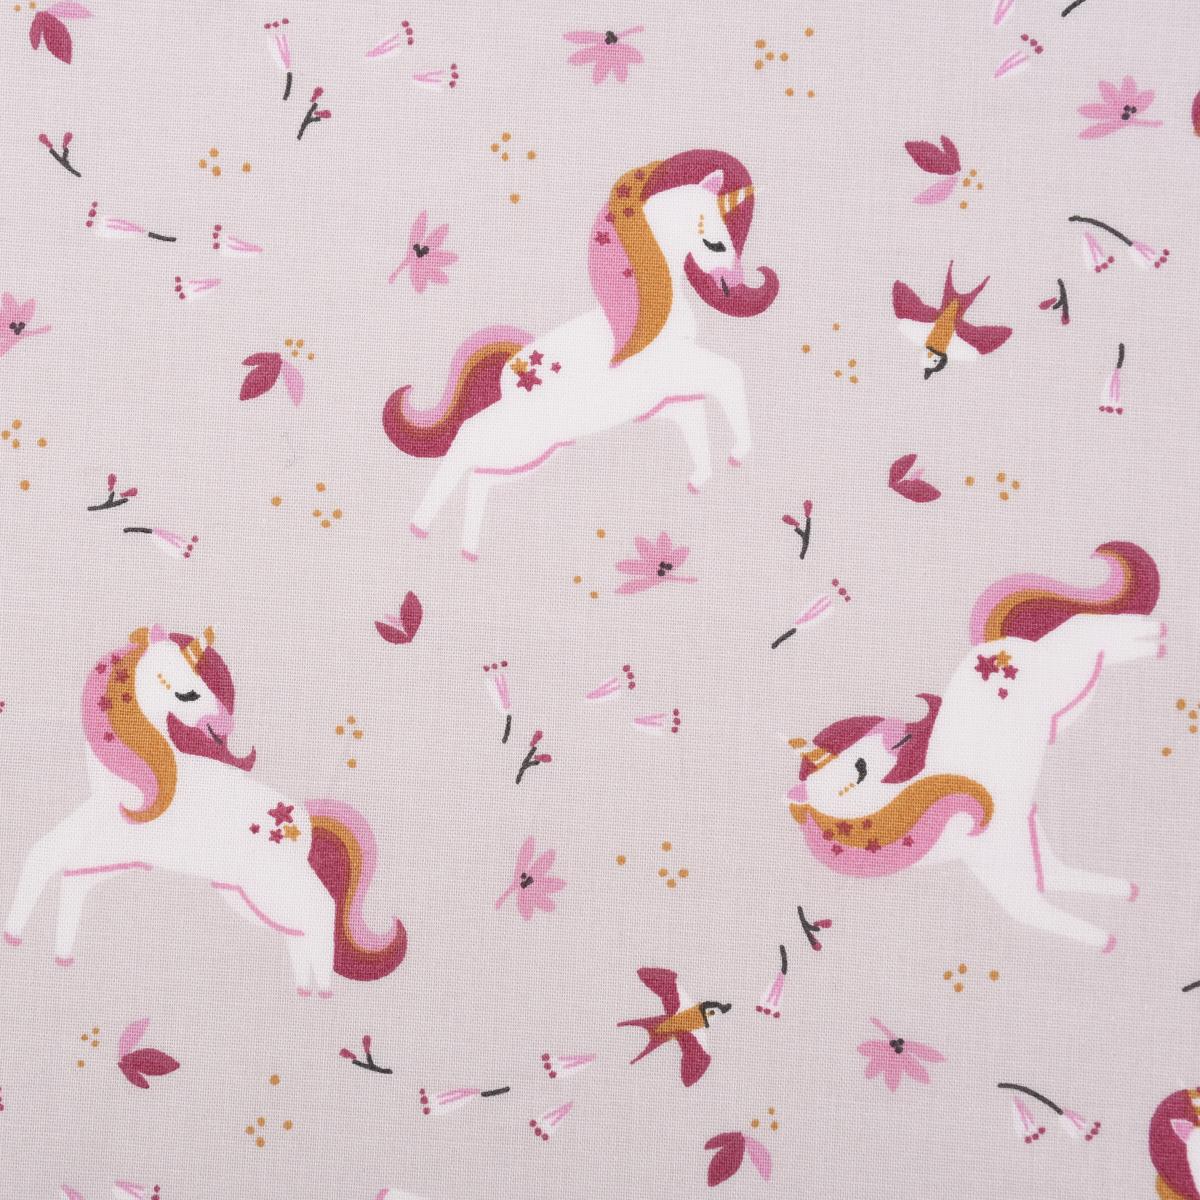 Baumwollstoff INGELA Einhorn Vögel Blumen hellbeige rosa weiß ocker 1,5m Breite